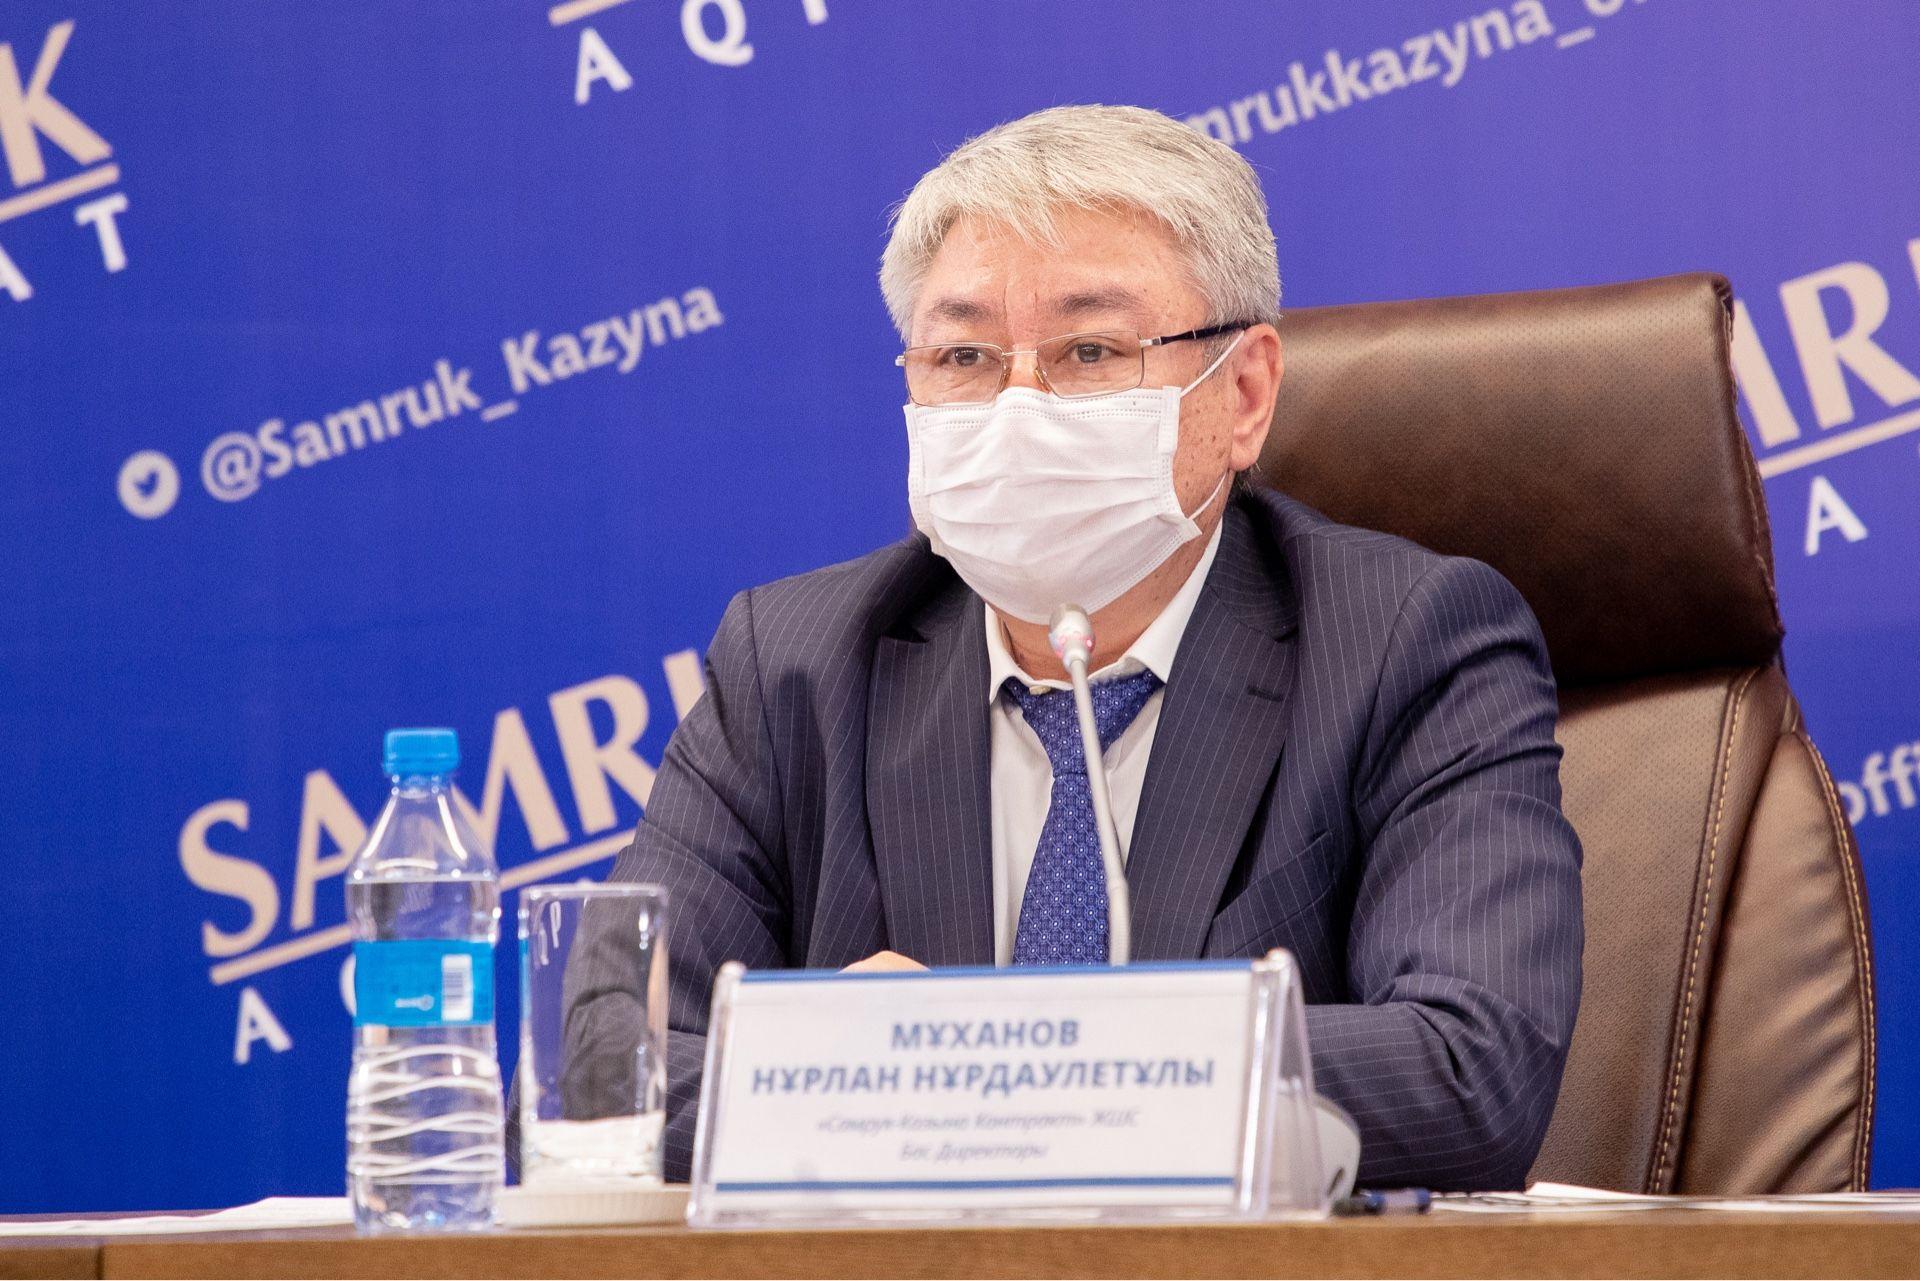 В закупках «Самрук-Казына» облегчили предквалификационный отбор- Kapital.kz